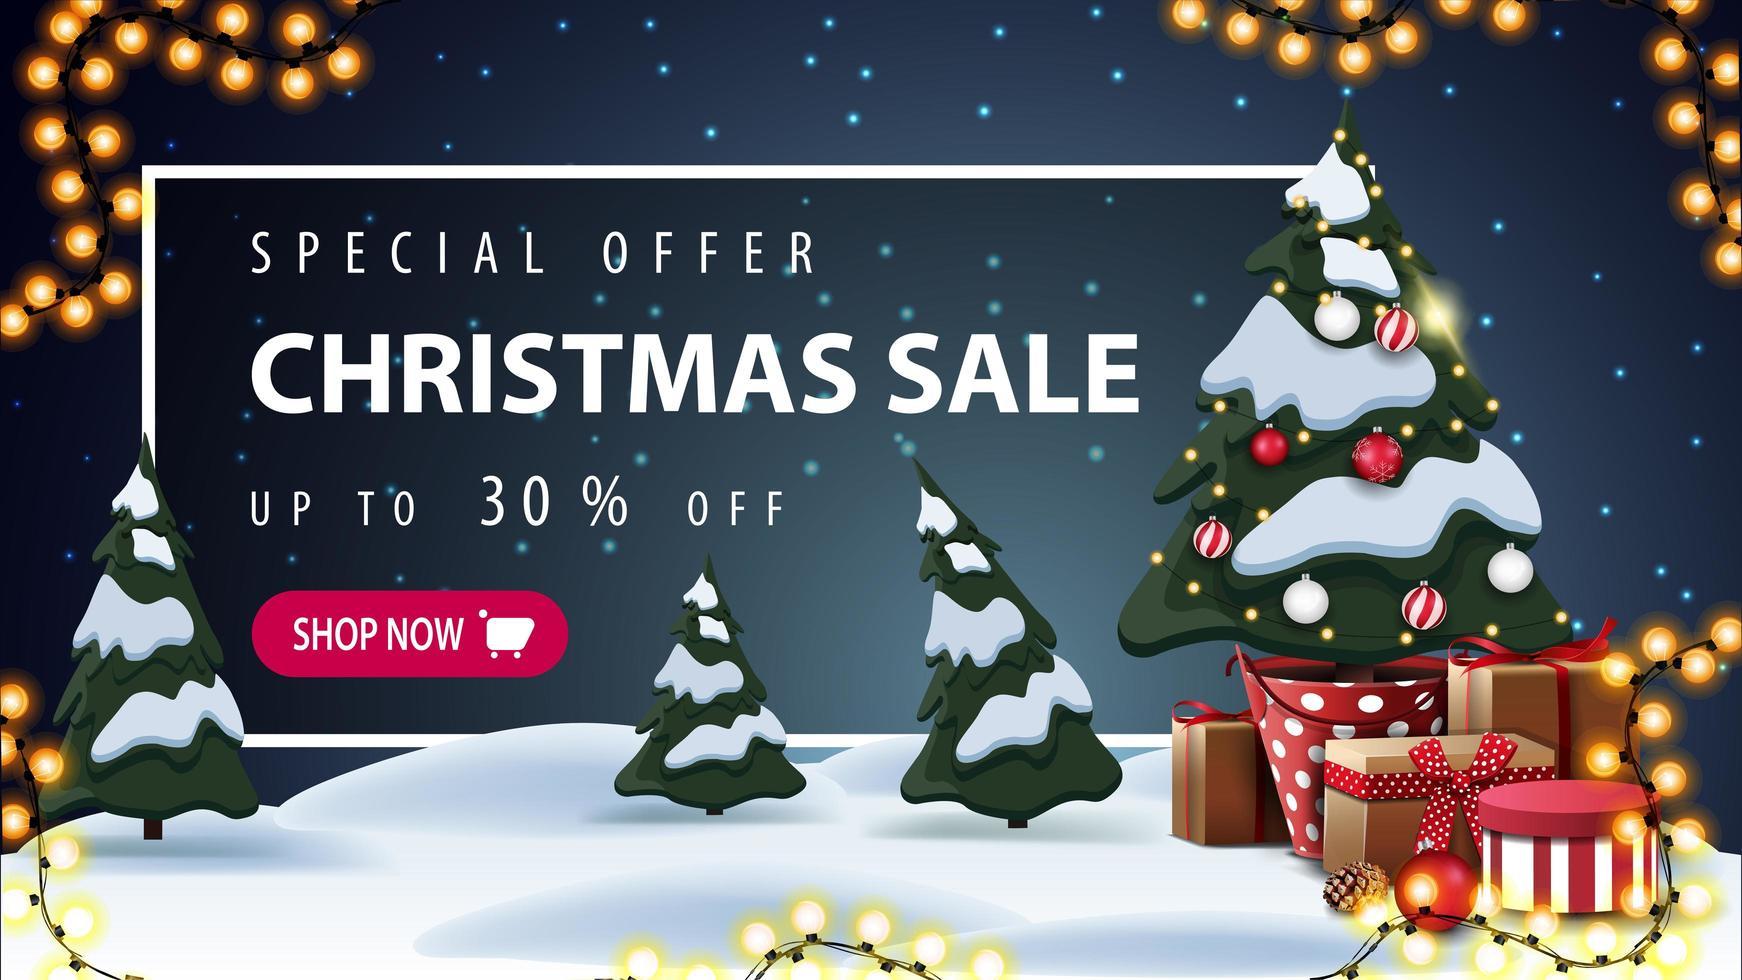 offre spéciale, vente de Noël, jusqu'à 30 de réduction, belle bannière de réduction avec paysage d'hiver de dessin animé sur fond, guirlande, arbre de Noël dans un pot avec des cadeaux et cadre blanc avec offre derrière les congères vecteur